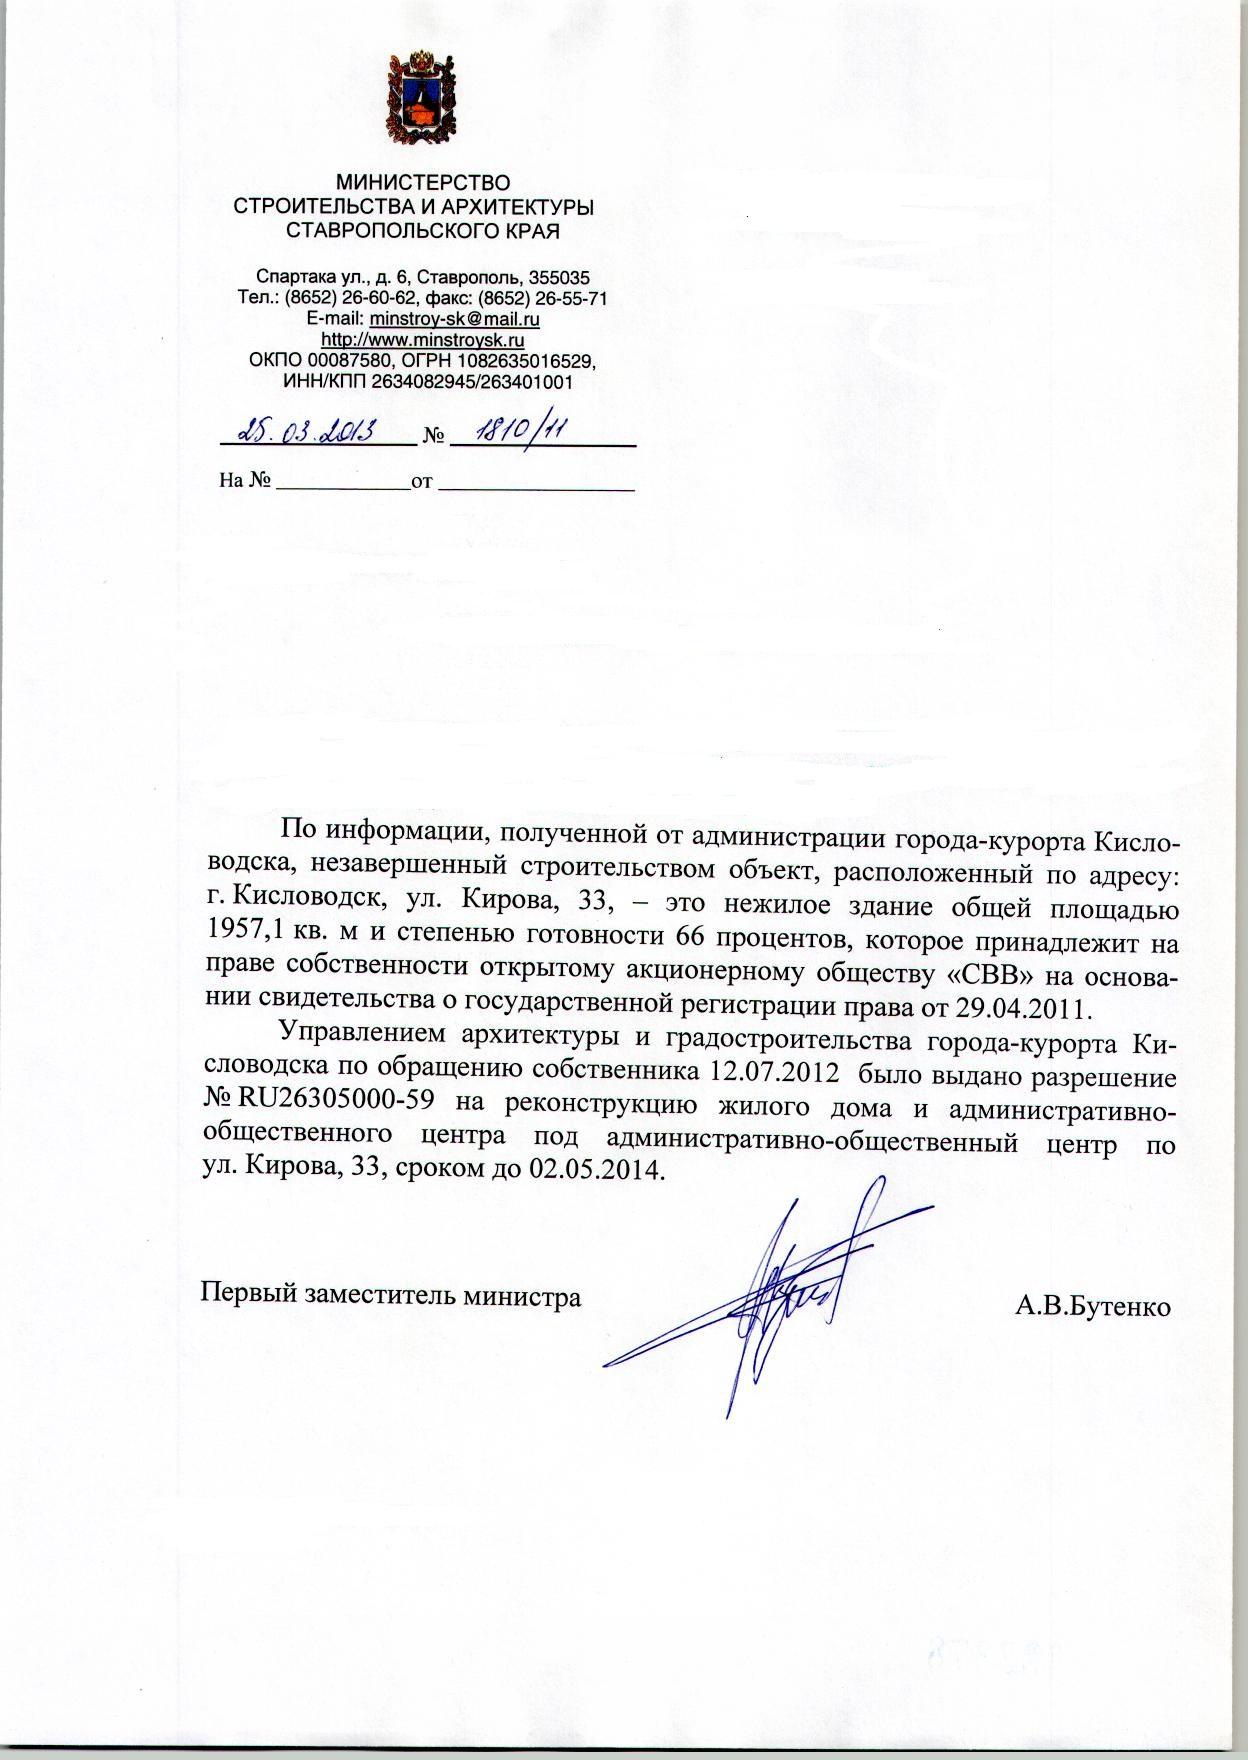 Что делать с недостроями в Кисловодске?